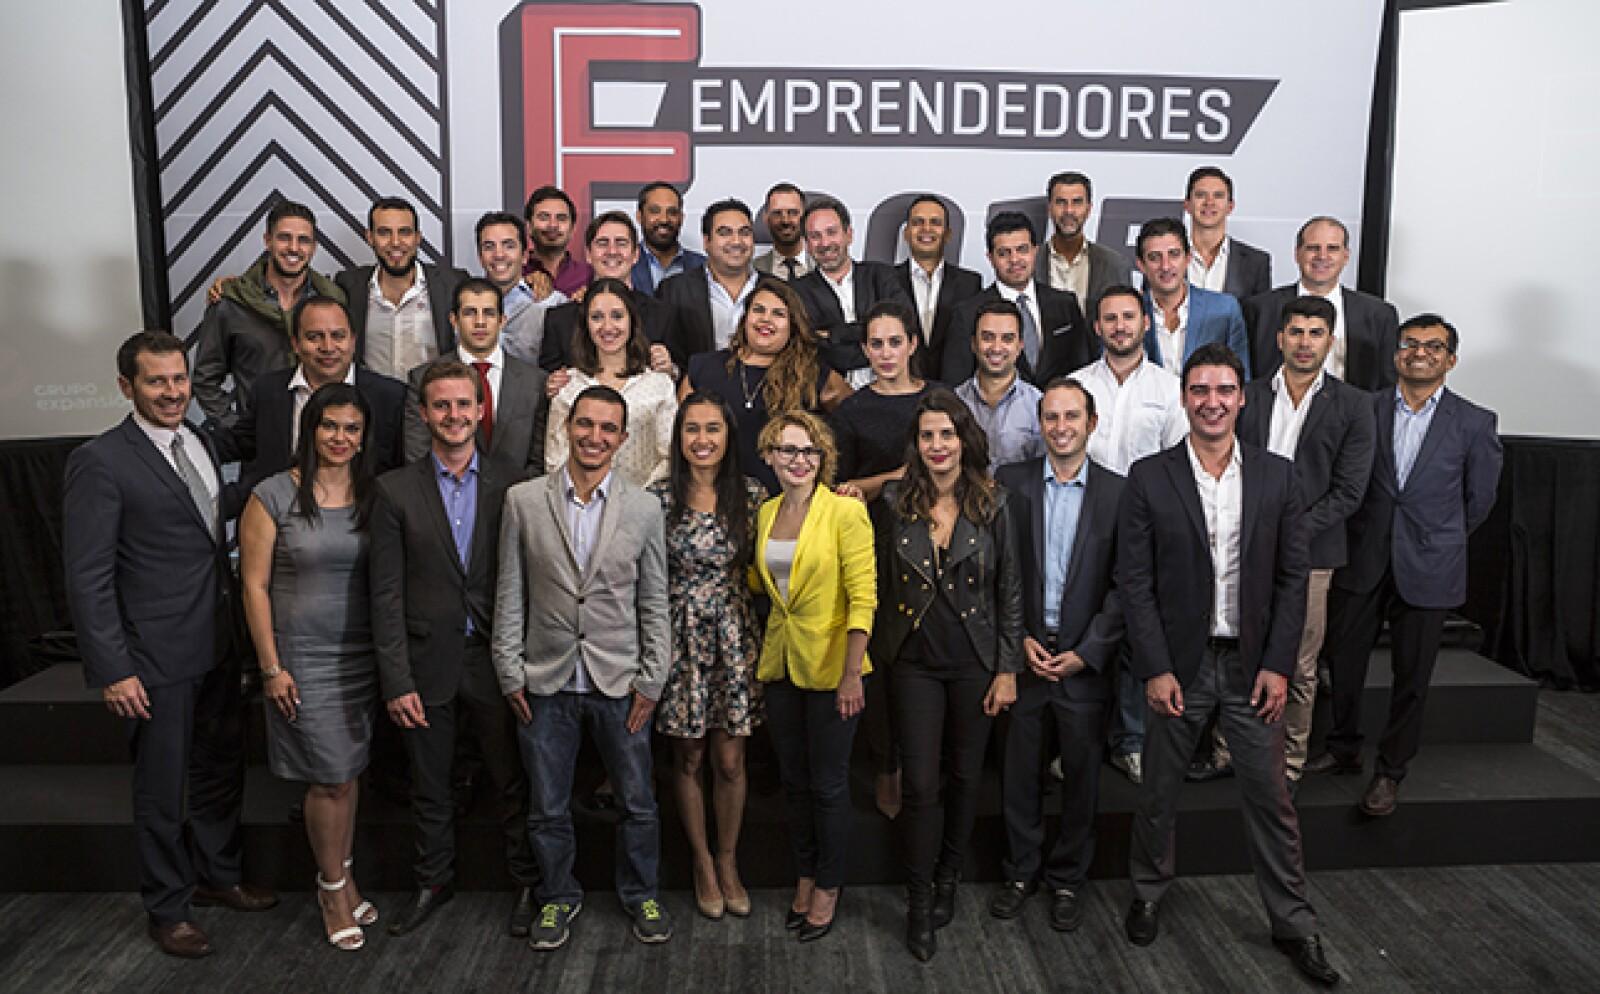 El pasado 21 de mayo se dio a conocer la generación 2015 de 'Los Emprendedores del Año', el esfuerzo anual de Expansión por impulsar nuevas empresas en México. Sus historias de negocio serán desplegadas en la revista y en CNNExpansión.